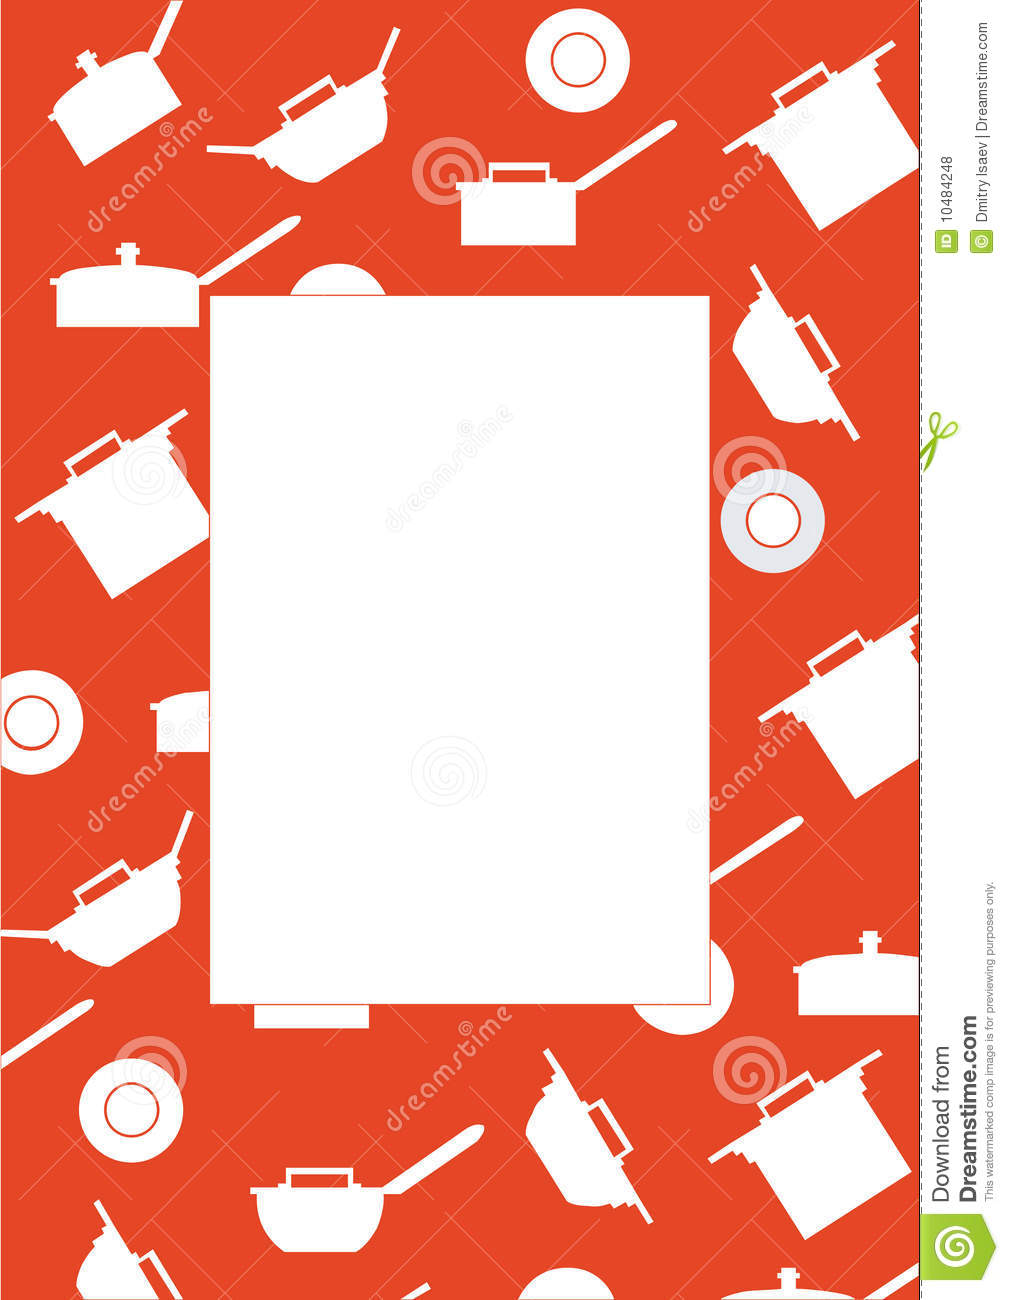 1009x1300 Cooking Border Clip Art 06ad75b9fe9f045450568dbbd25ea5f0 Luxury